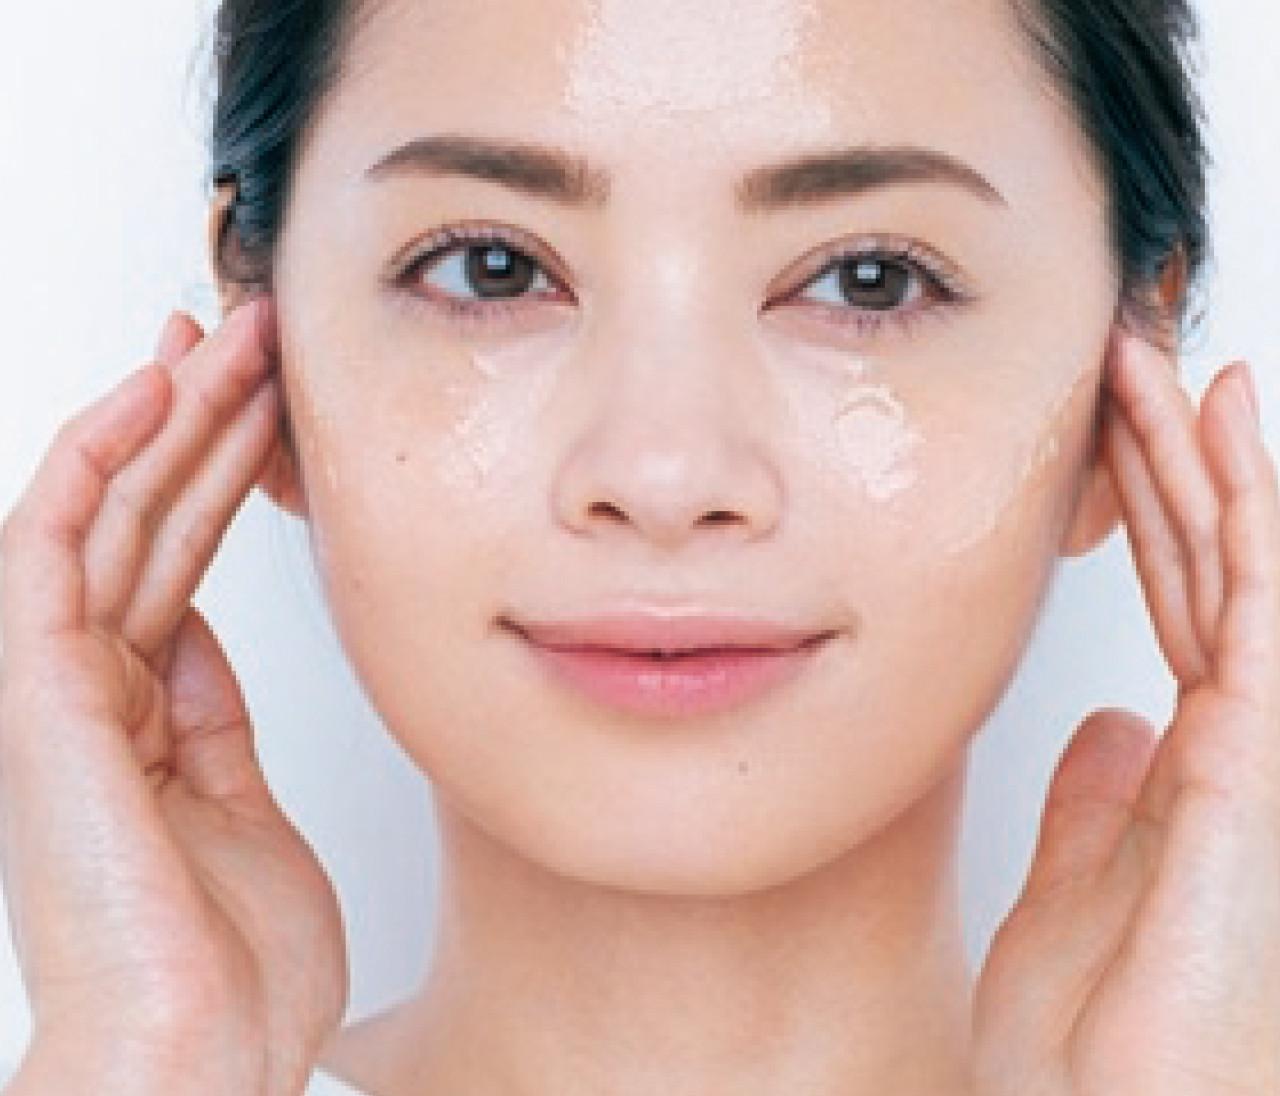 最近、顔色がくすんでる…!美容賢者の解決法は?【2020-2021厄払い美容2】